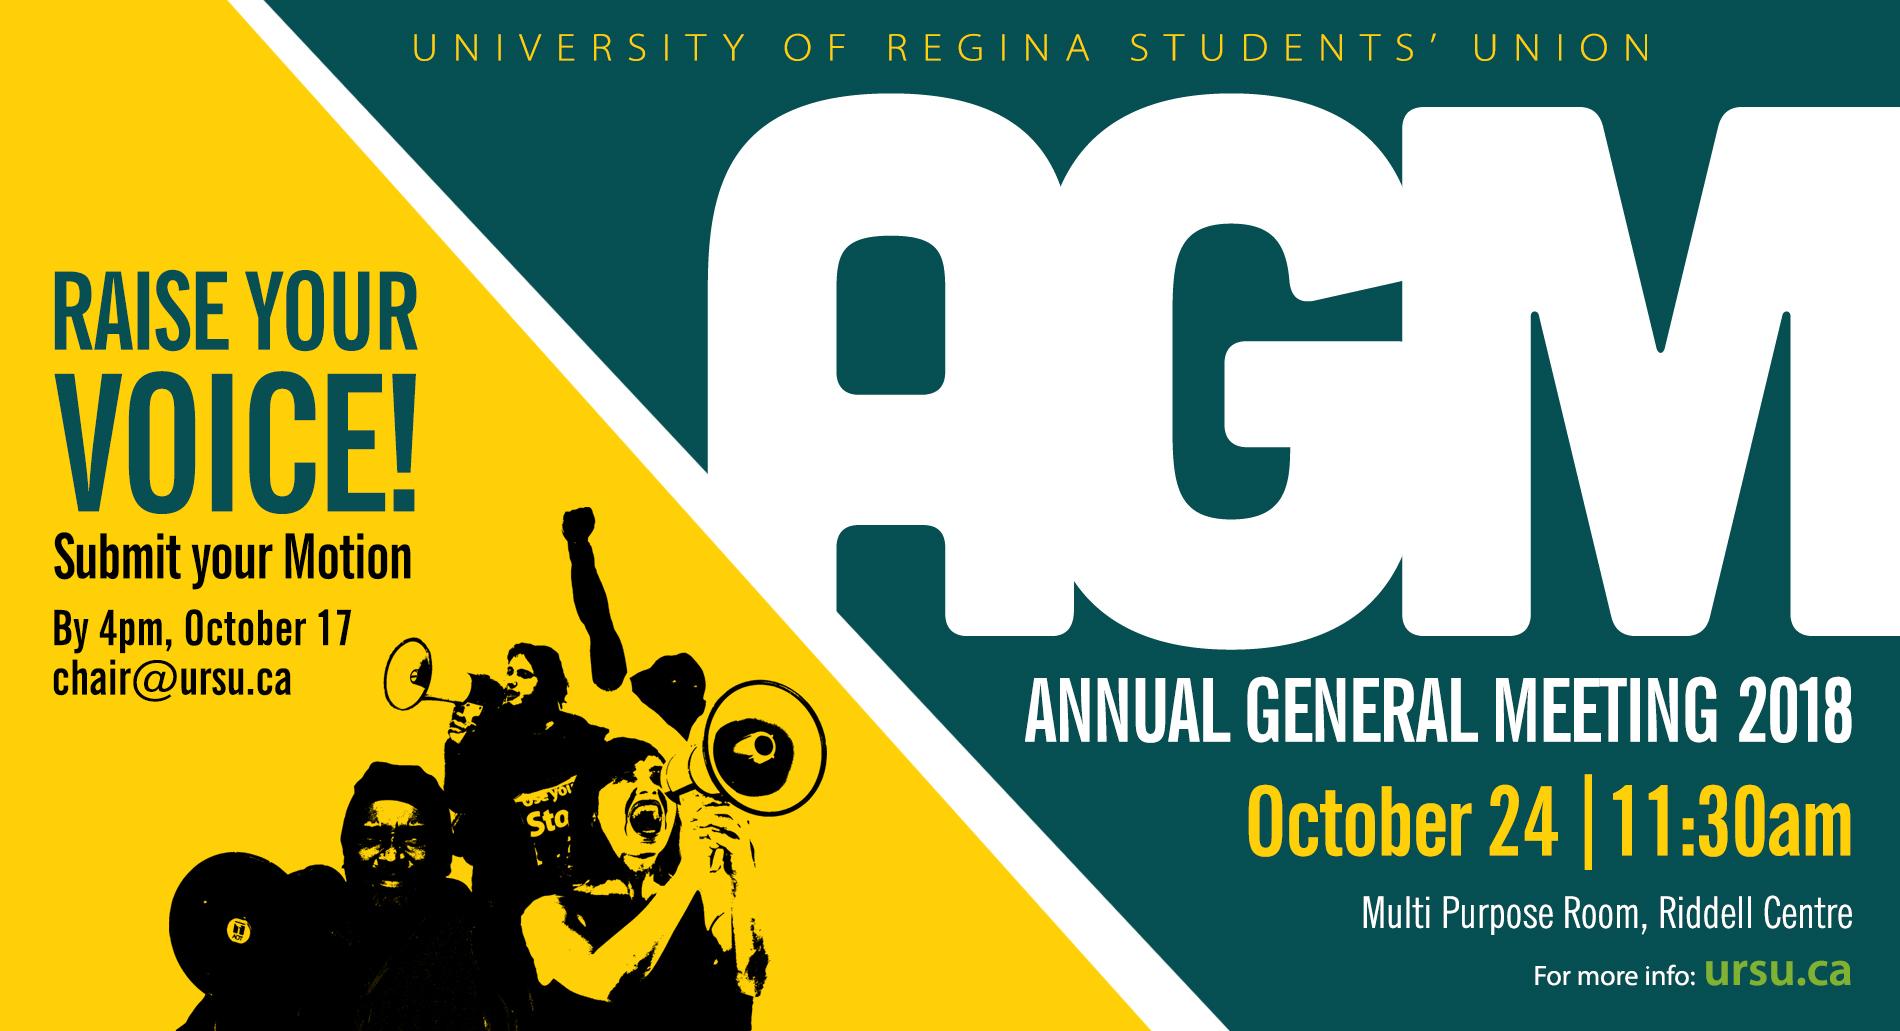 URSU AGM Set for October 24th